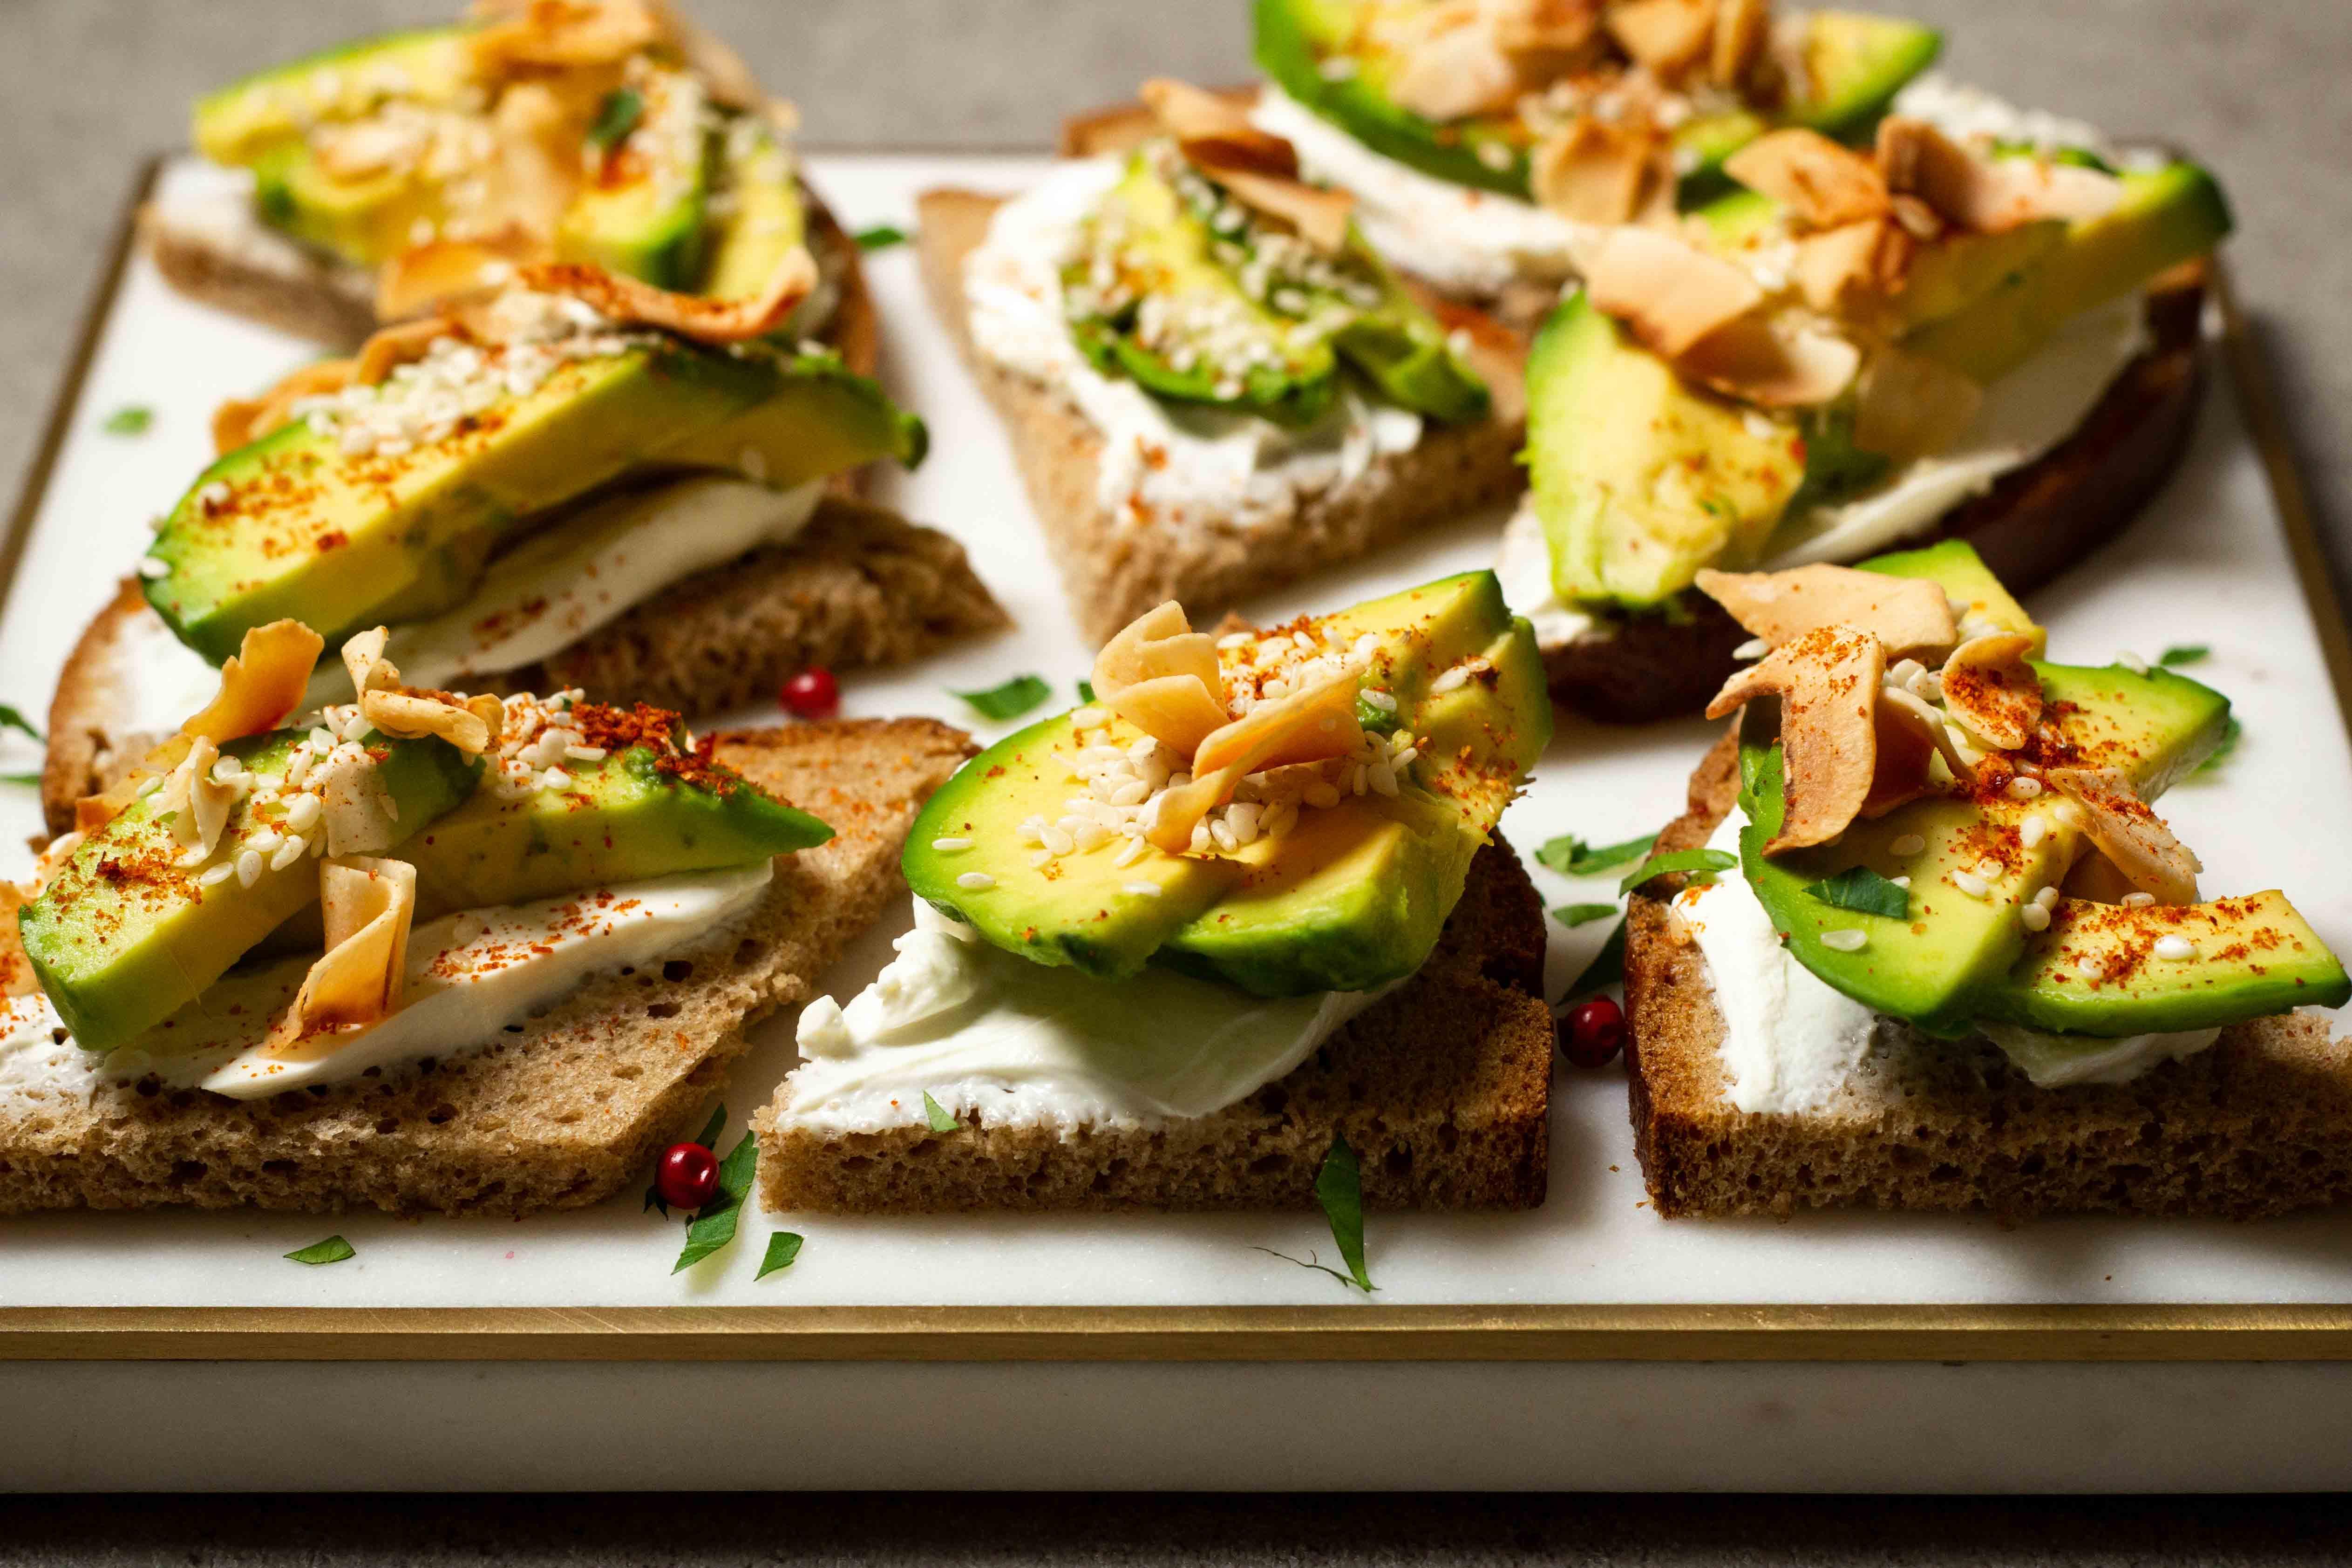 Petit_dej_4_avocado_toast.jpg